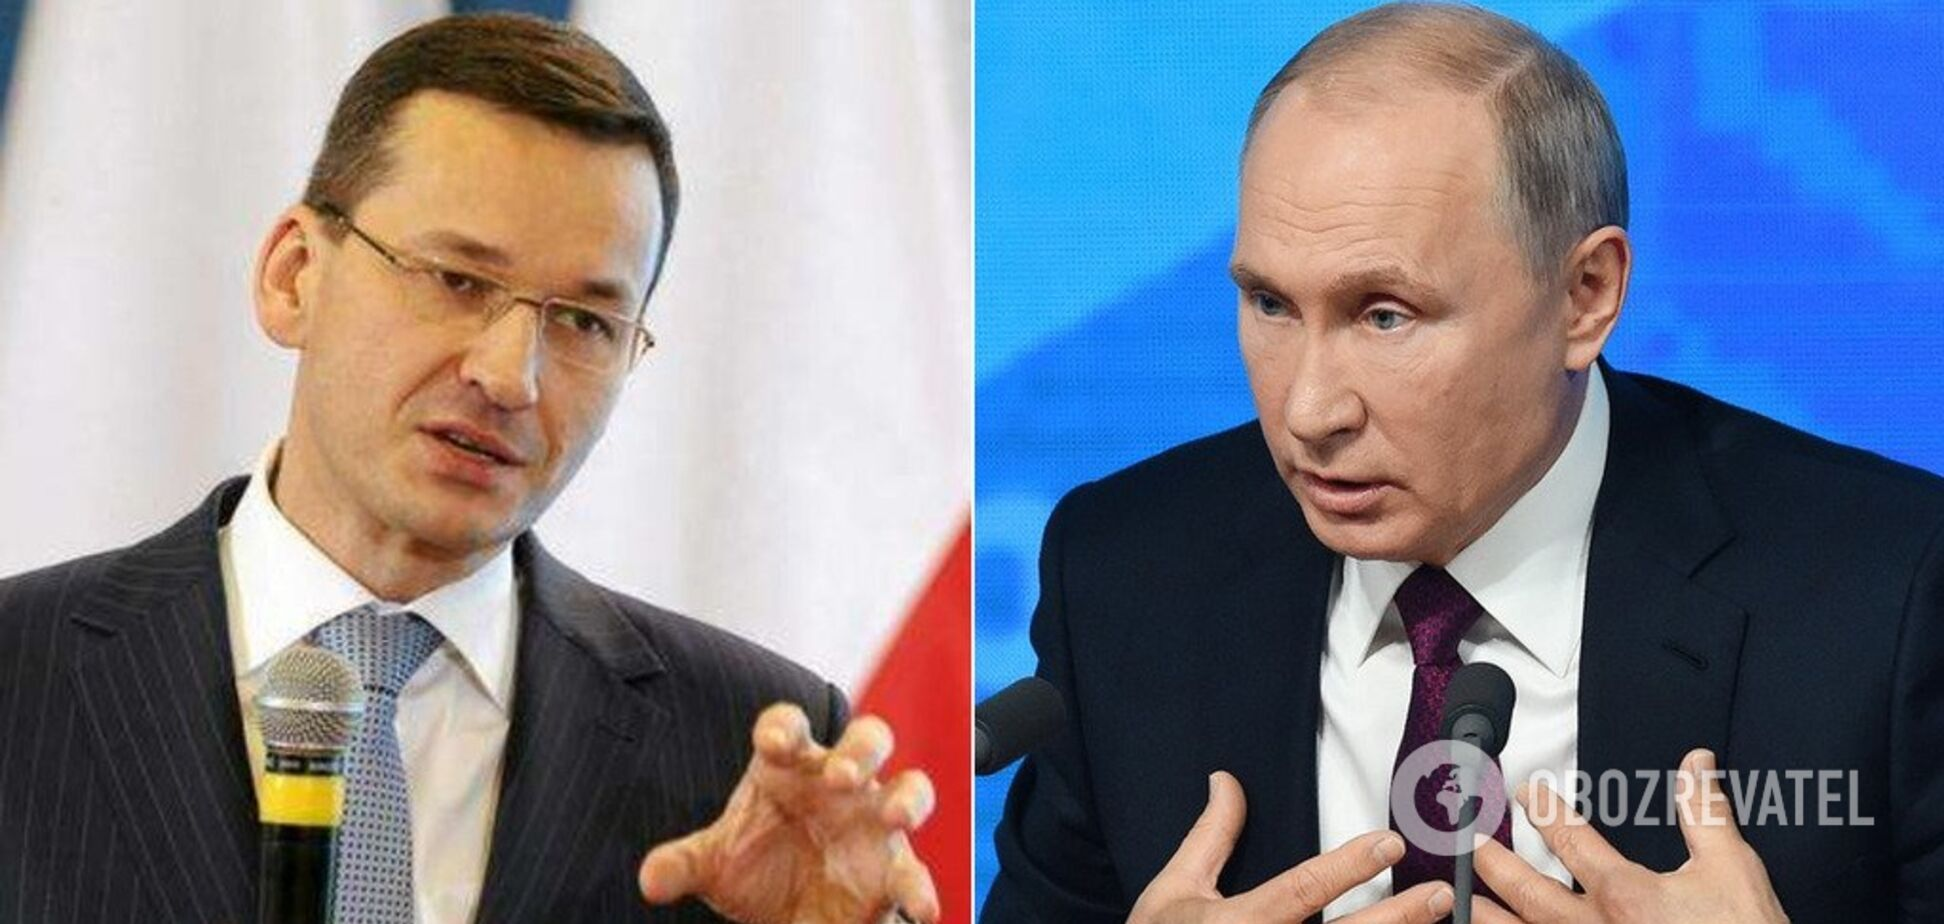 'Він неодноразово брехав!' Прем'єр Польщі жорстко відповів на 'історичні' заяви Путіна